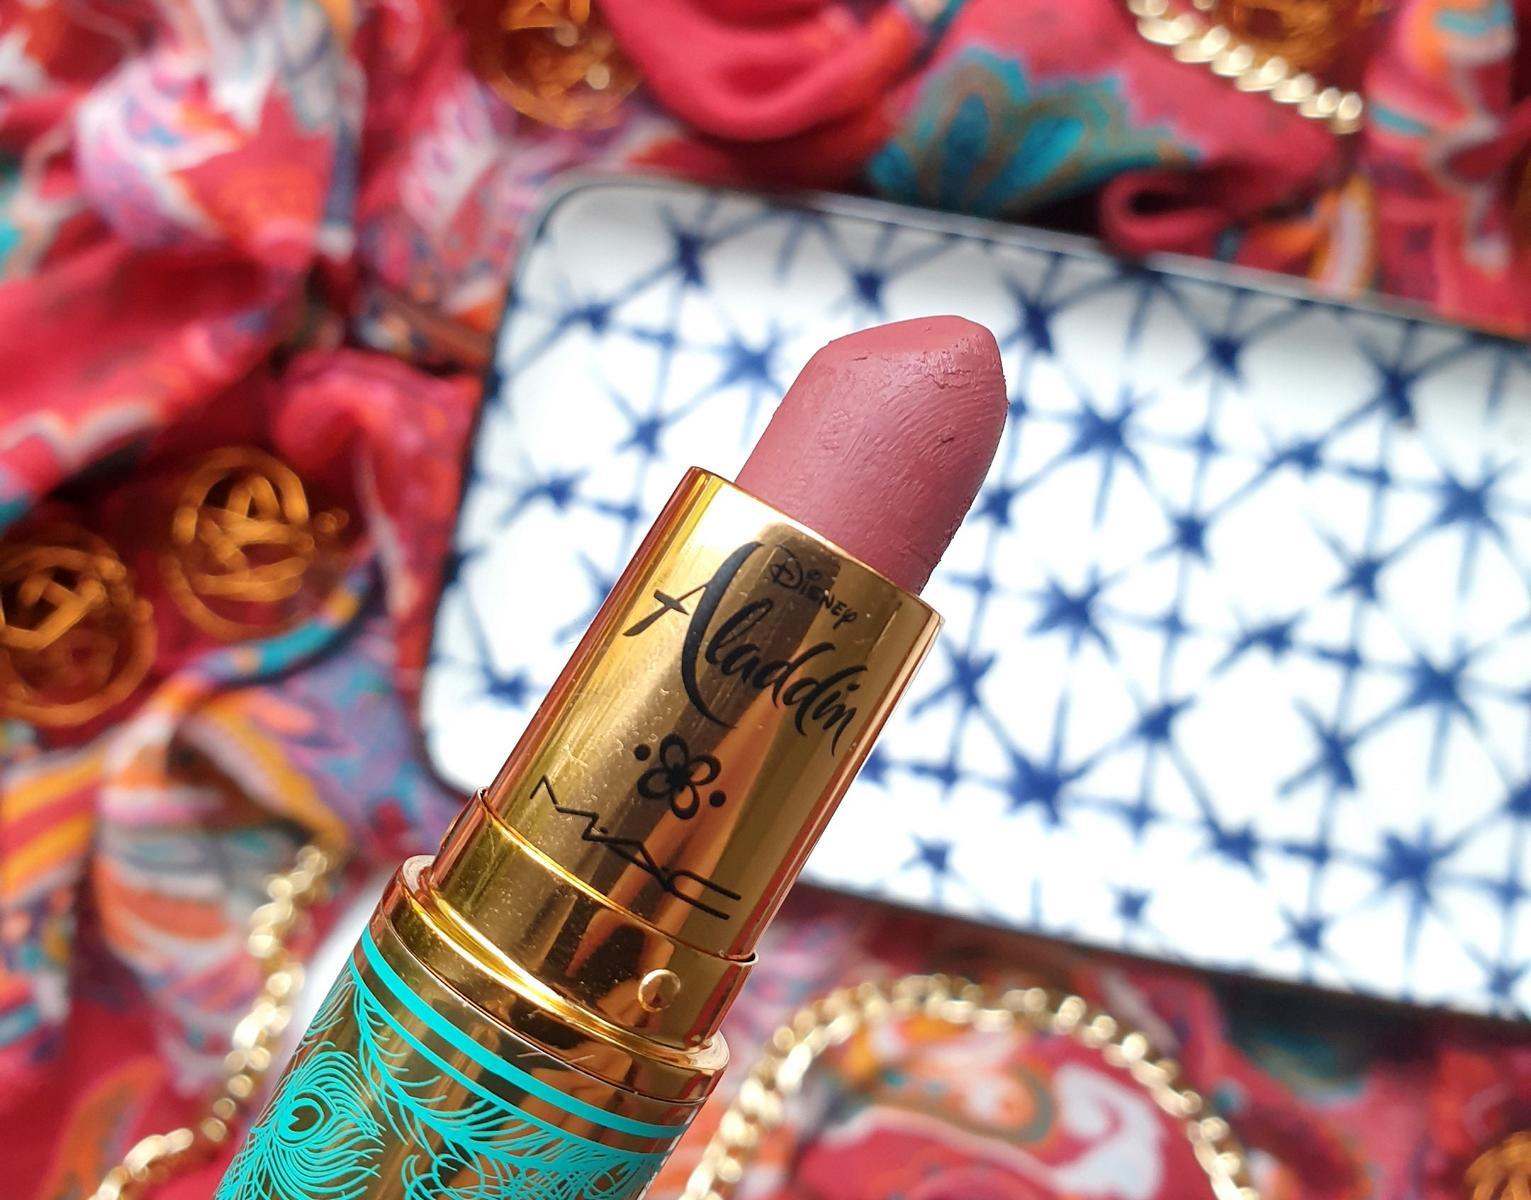 Mac Aladdin Kollektion Lipstick Rajah